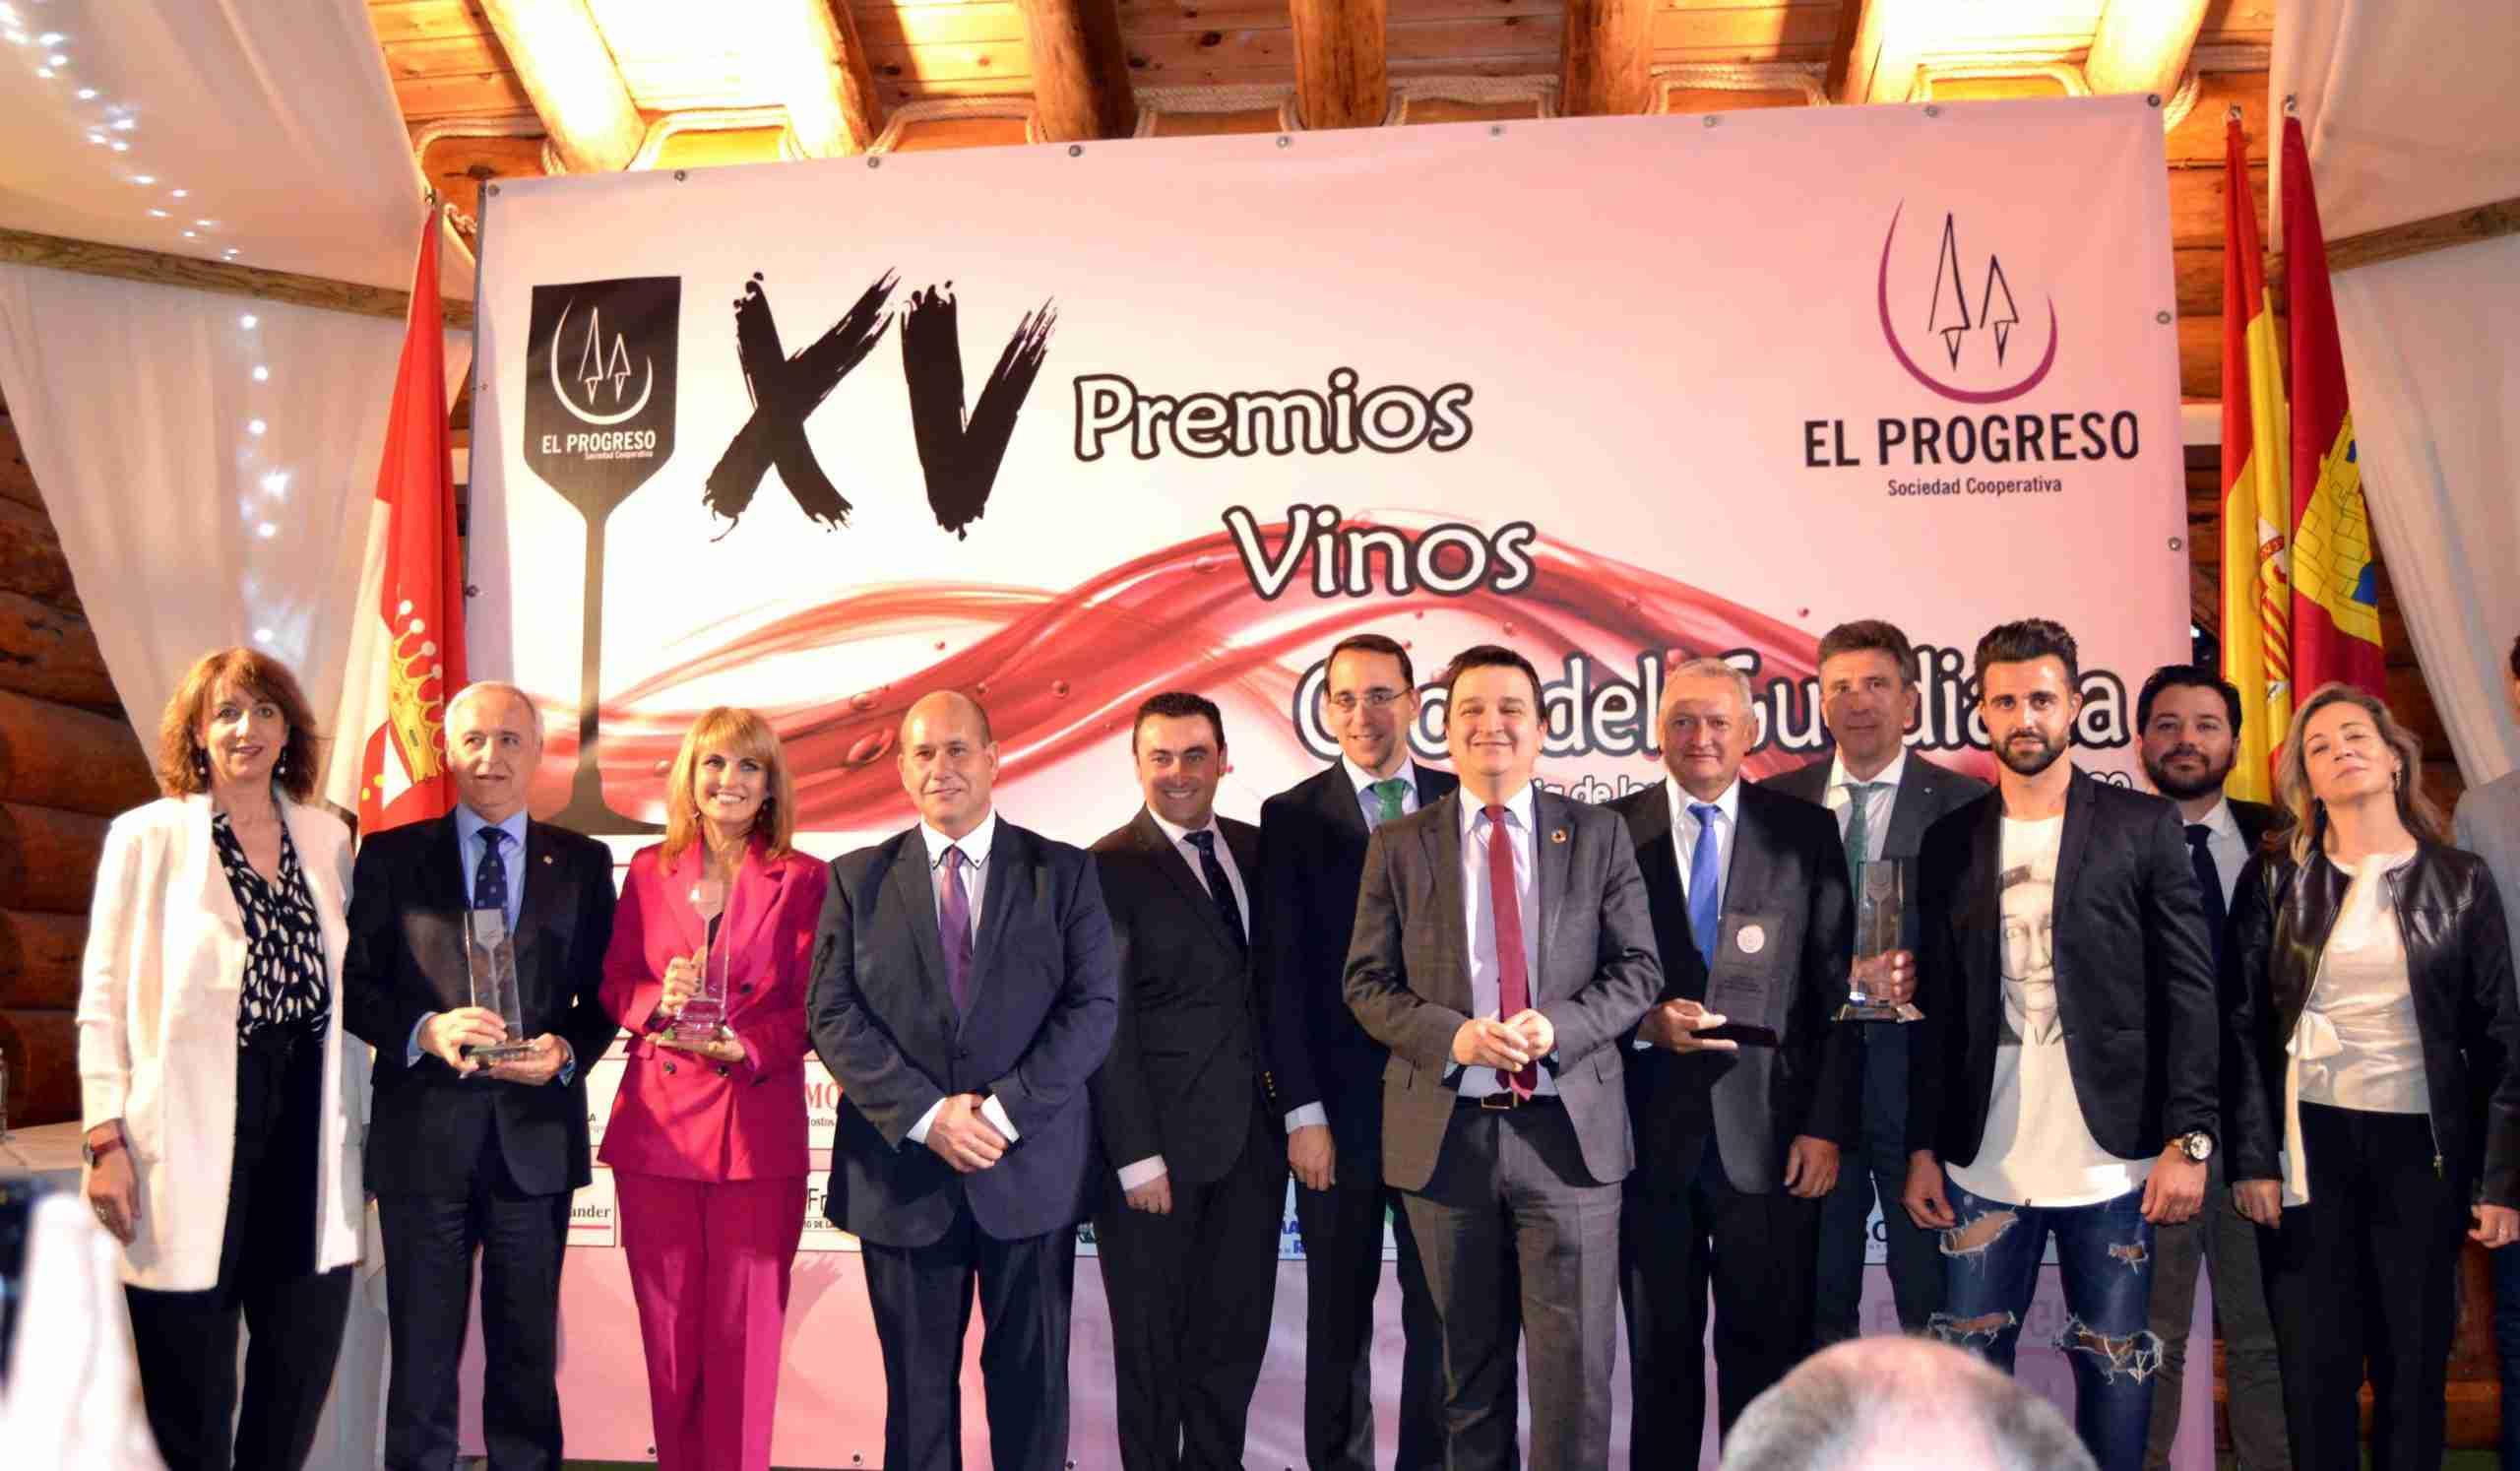 """Éxito de los 15 Premios """"Vinos Ojos del Guadiana"""" de El Progreso con la solidaridad, la cultura y el cooperativismo como protagonistas 20"""